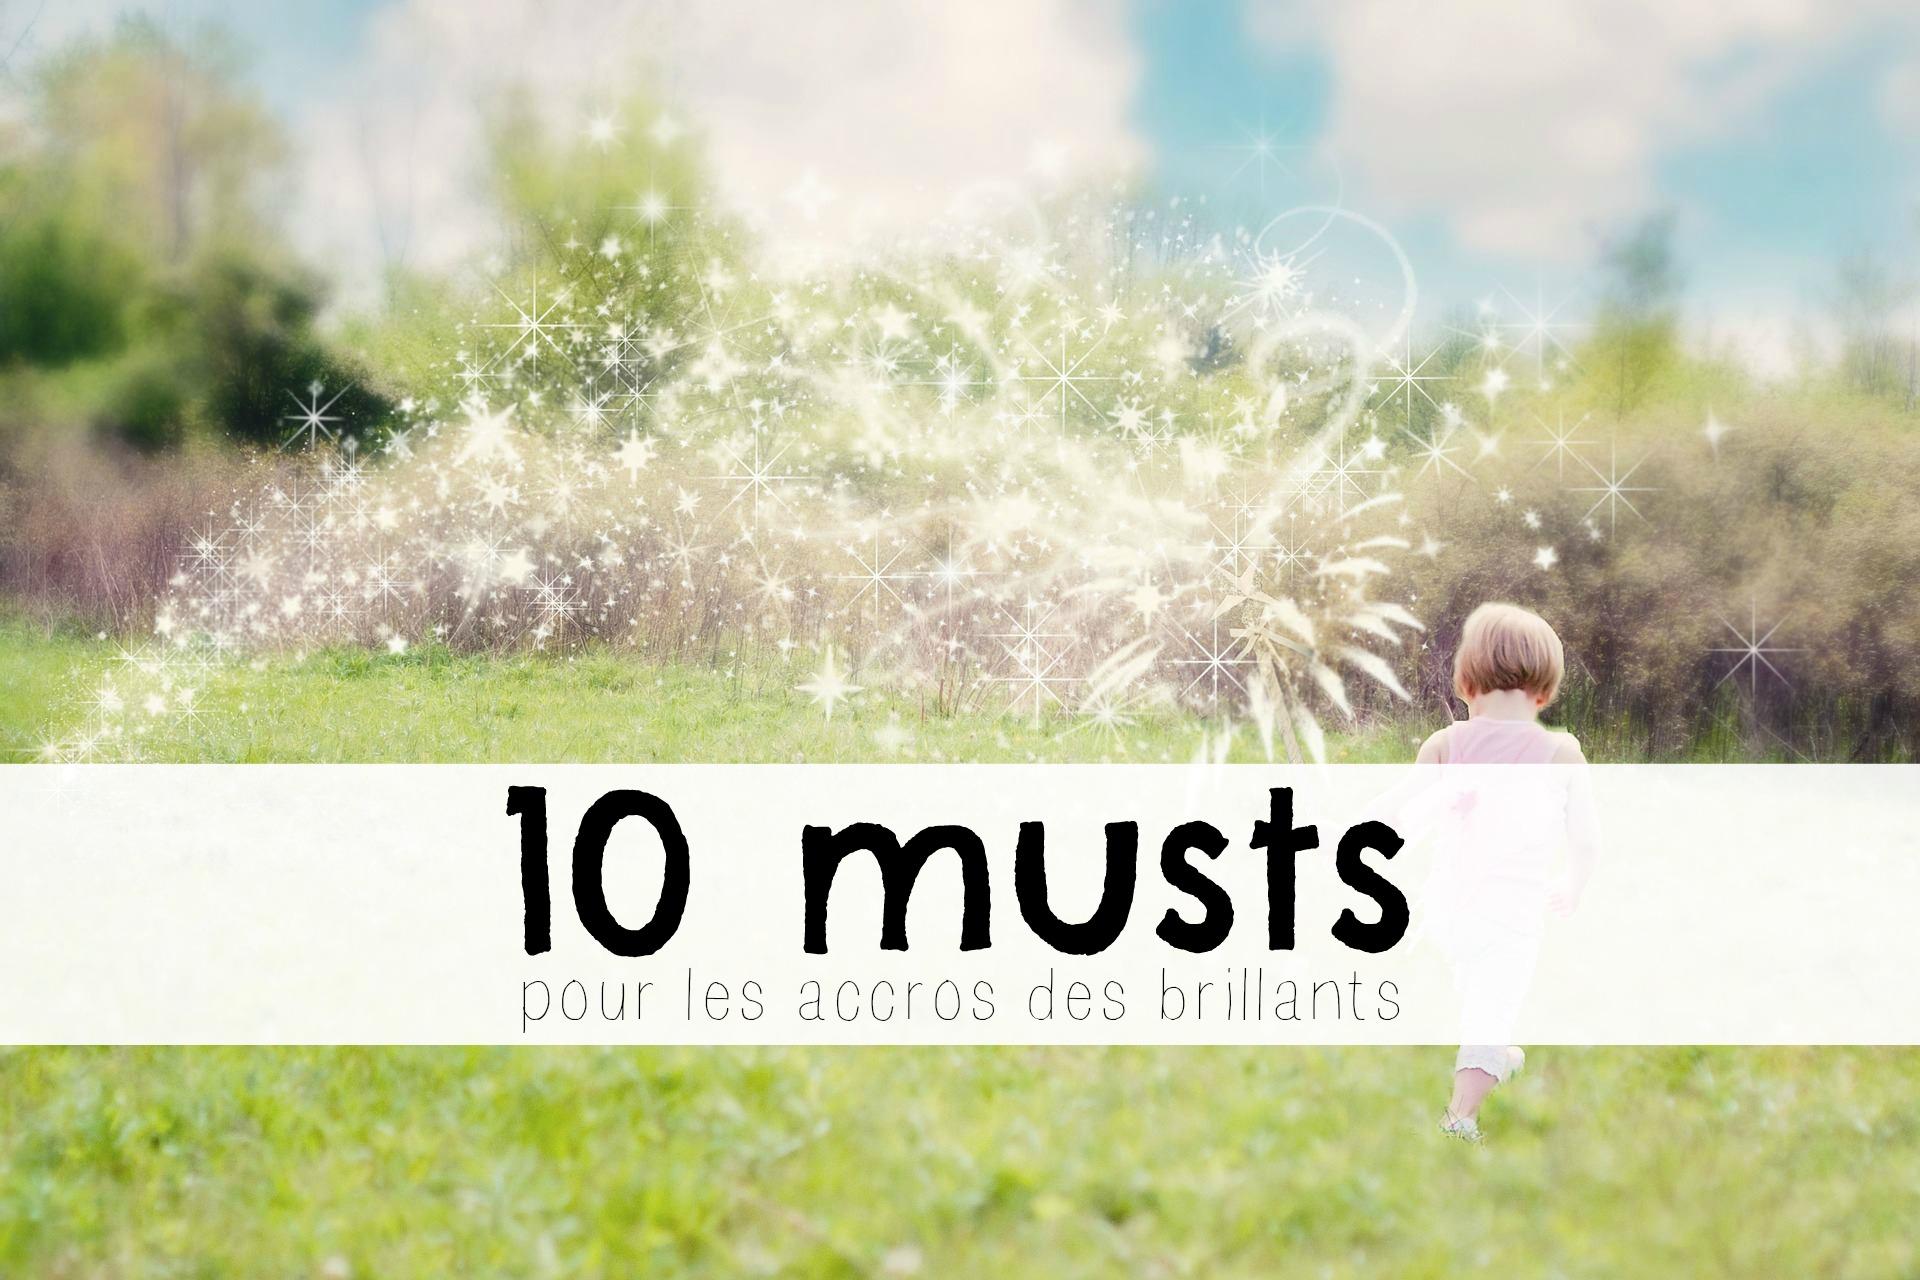 10 essentiels pour les accros aux paillettes!